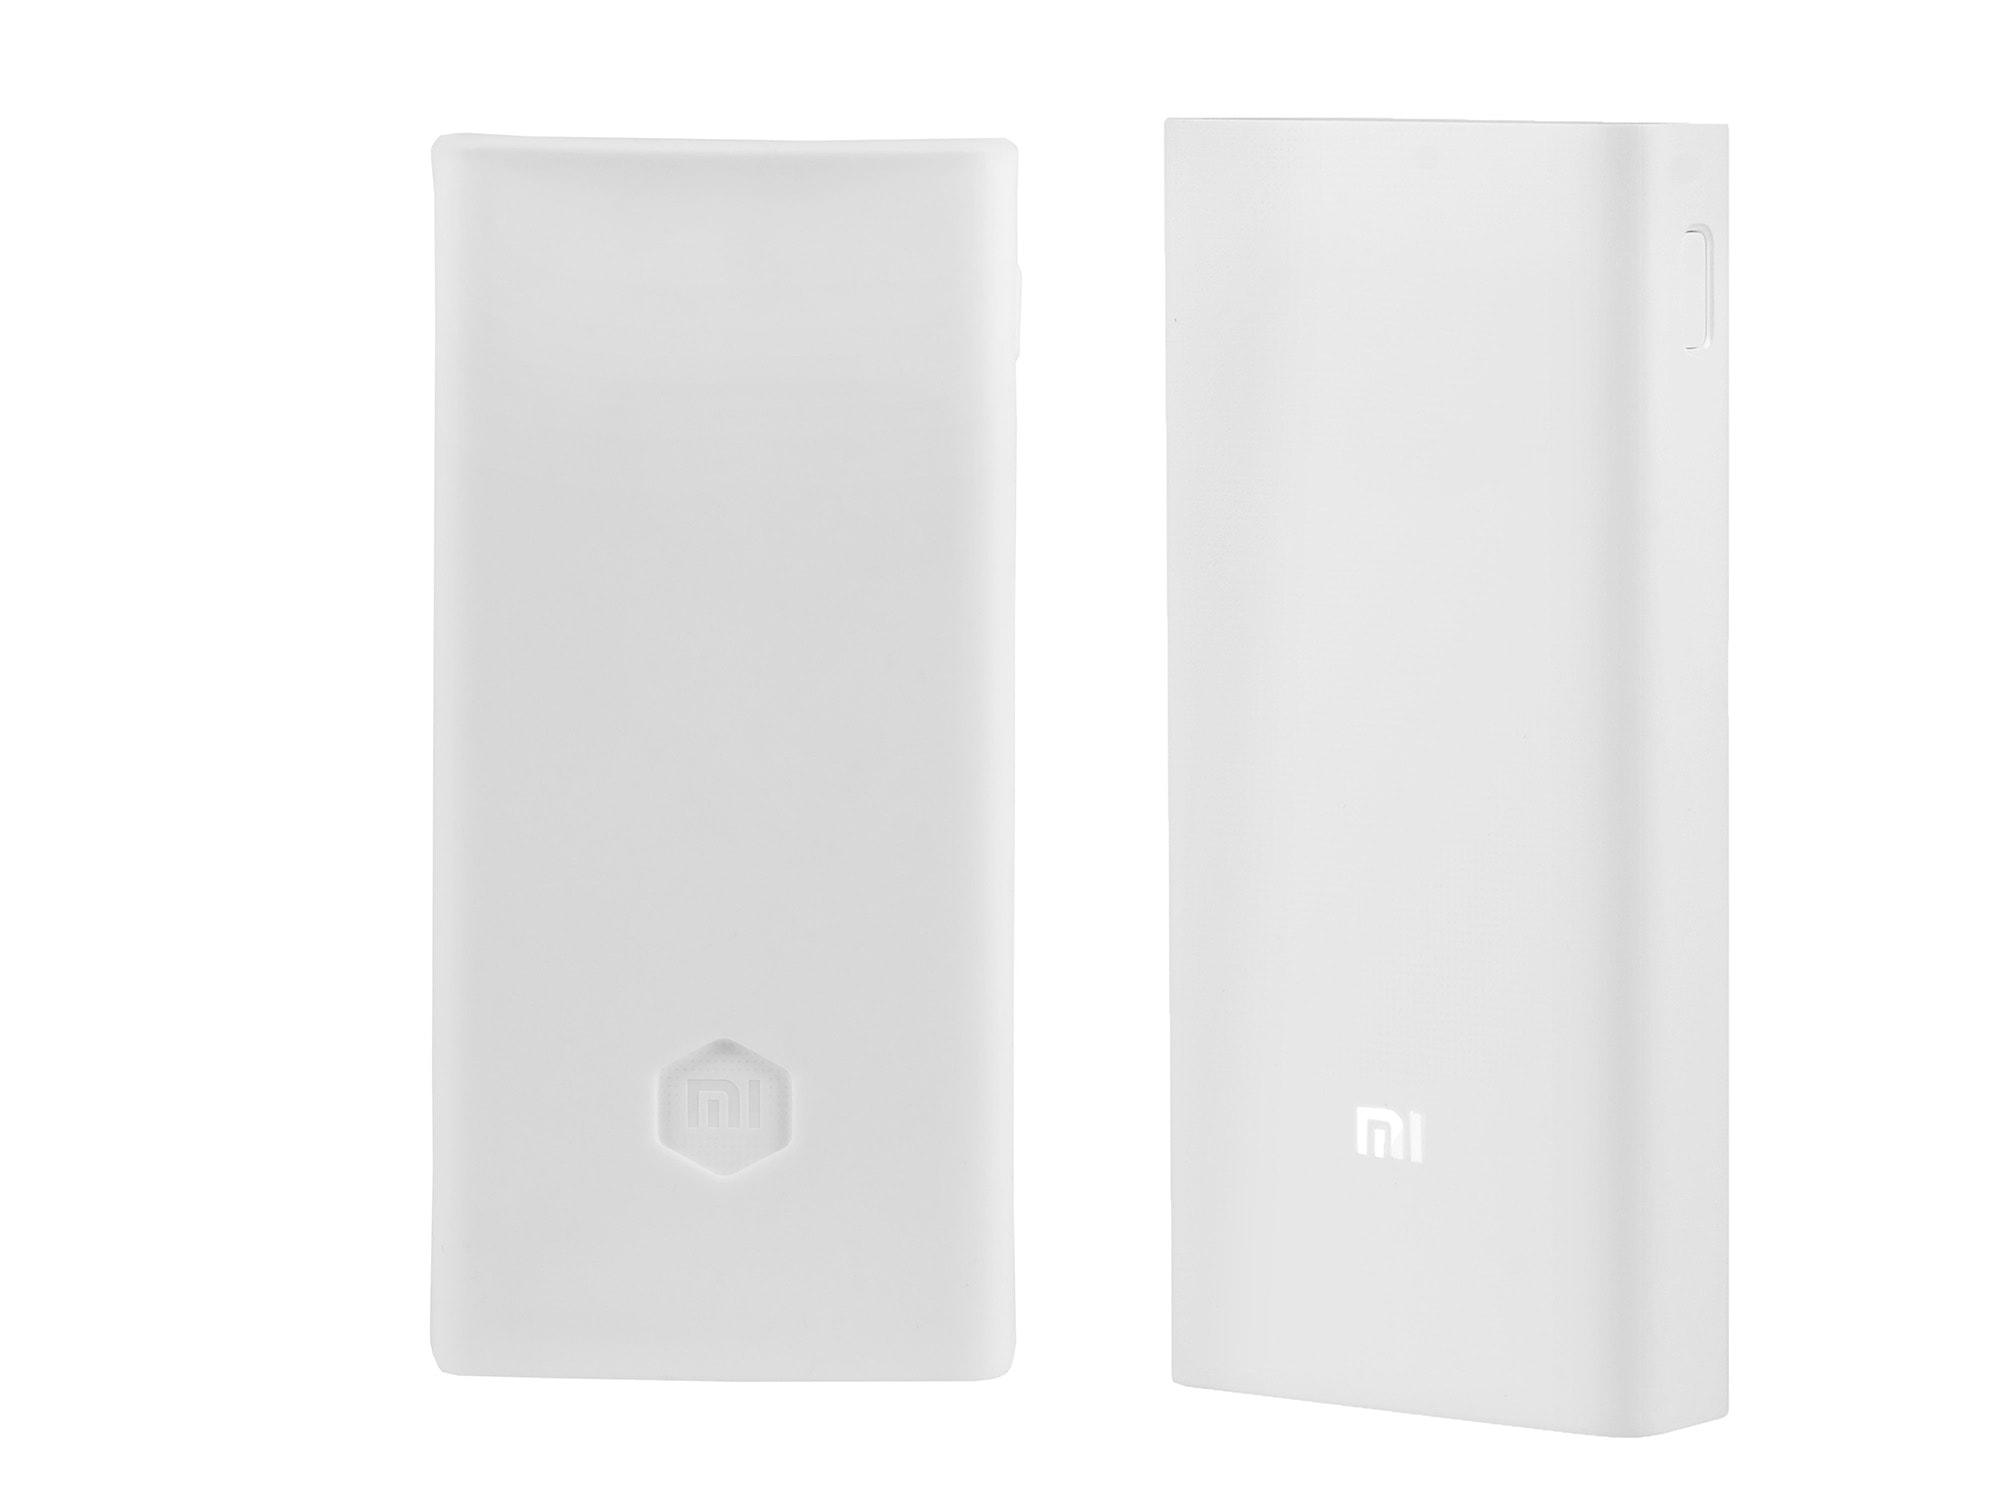 Xiaomi 2C 20000mAh (PB118) design